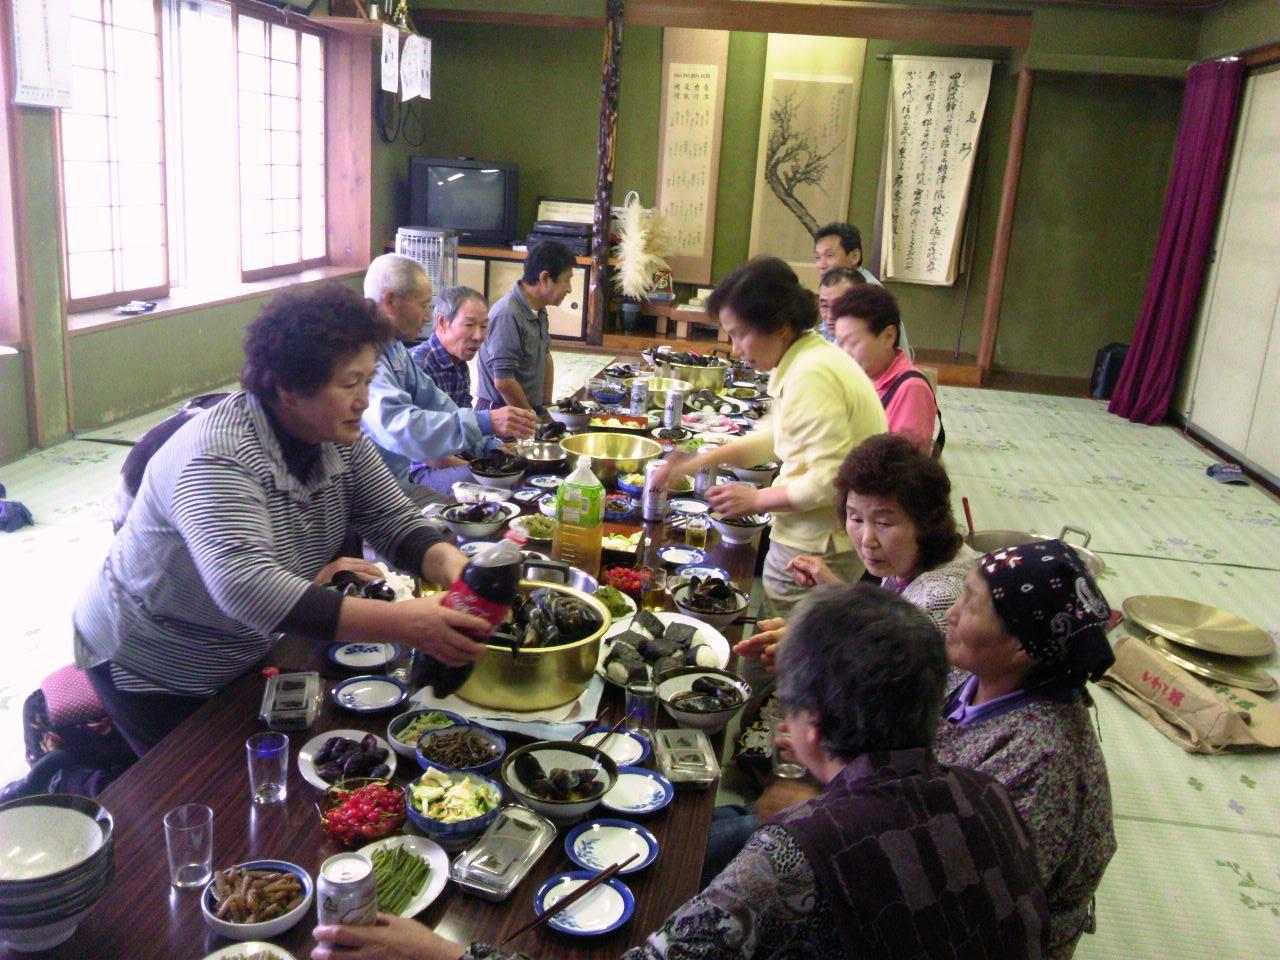 ムラサキ貝(ムール貝)の昼食会_d0206420_10335483.jpg